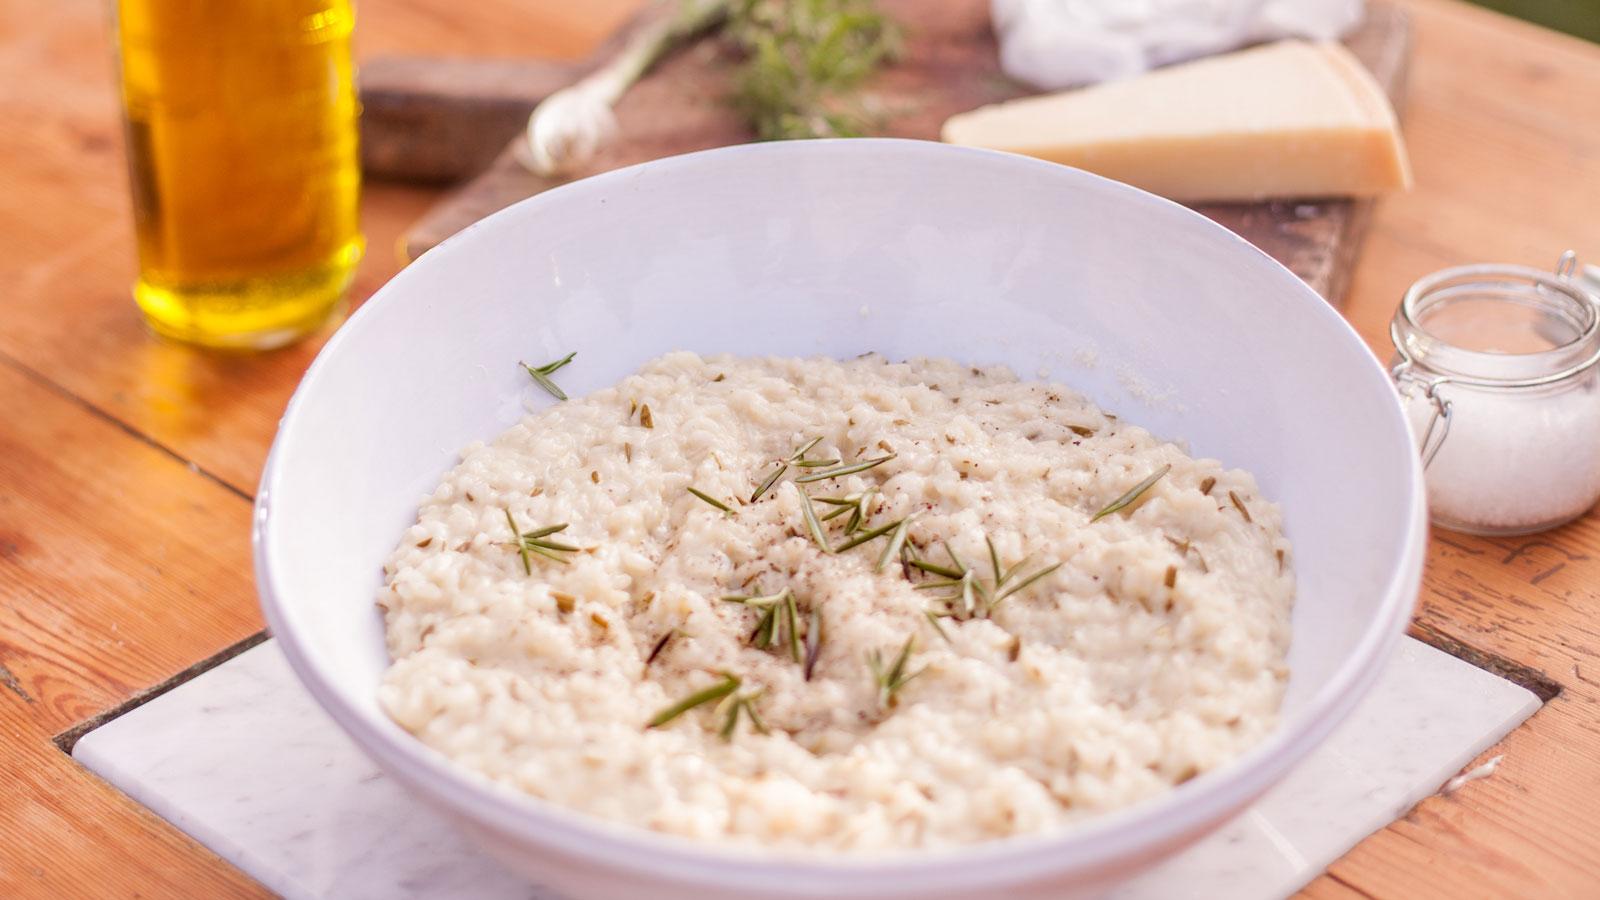 Risotto al rosmerino arroz al romero slow food for Arroz blanco cocina al natural